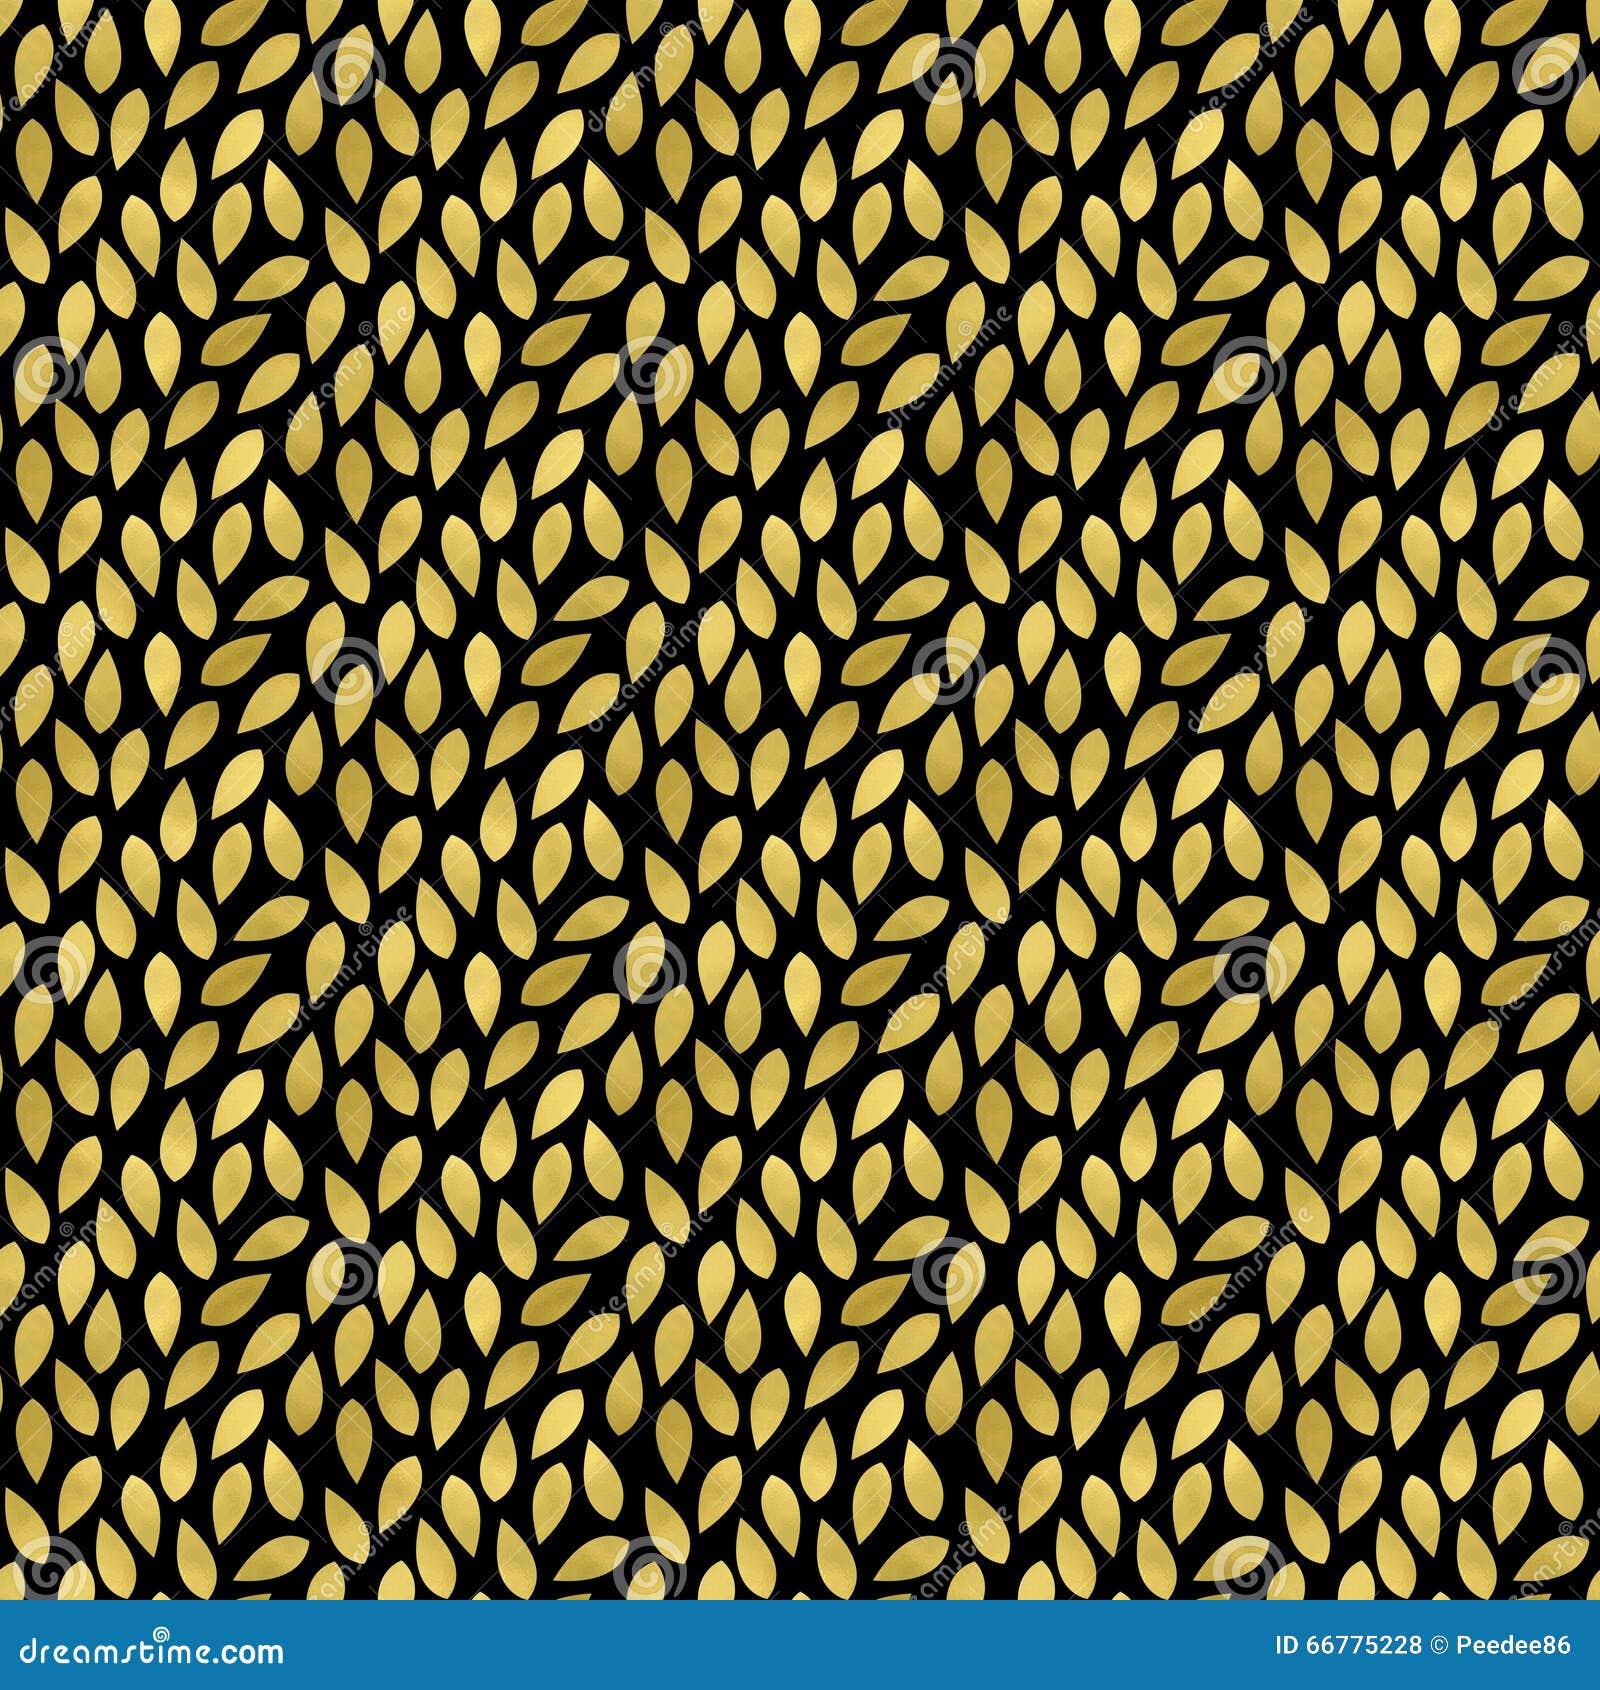 Gold Foil Scrapbook Paper Stock Illustrations 582 Gold Foil